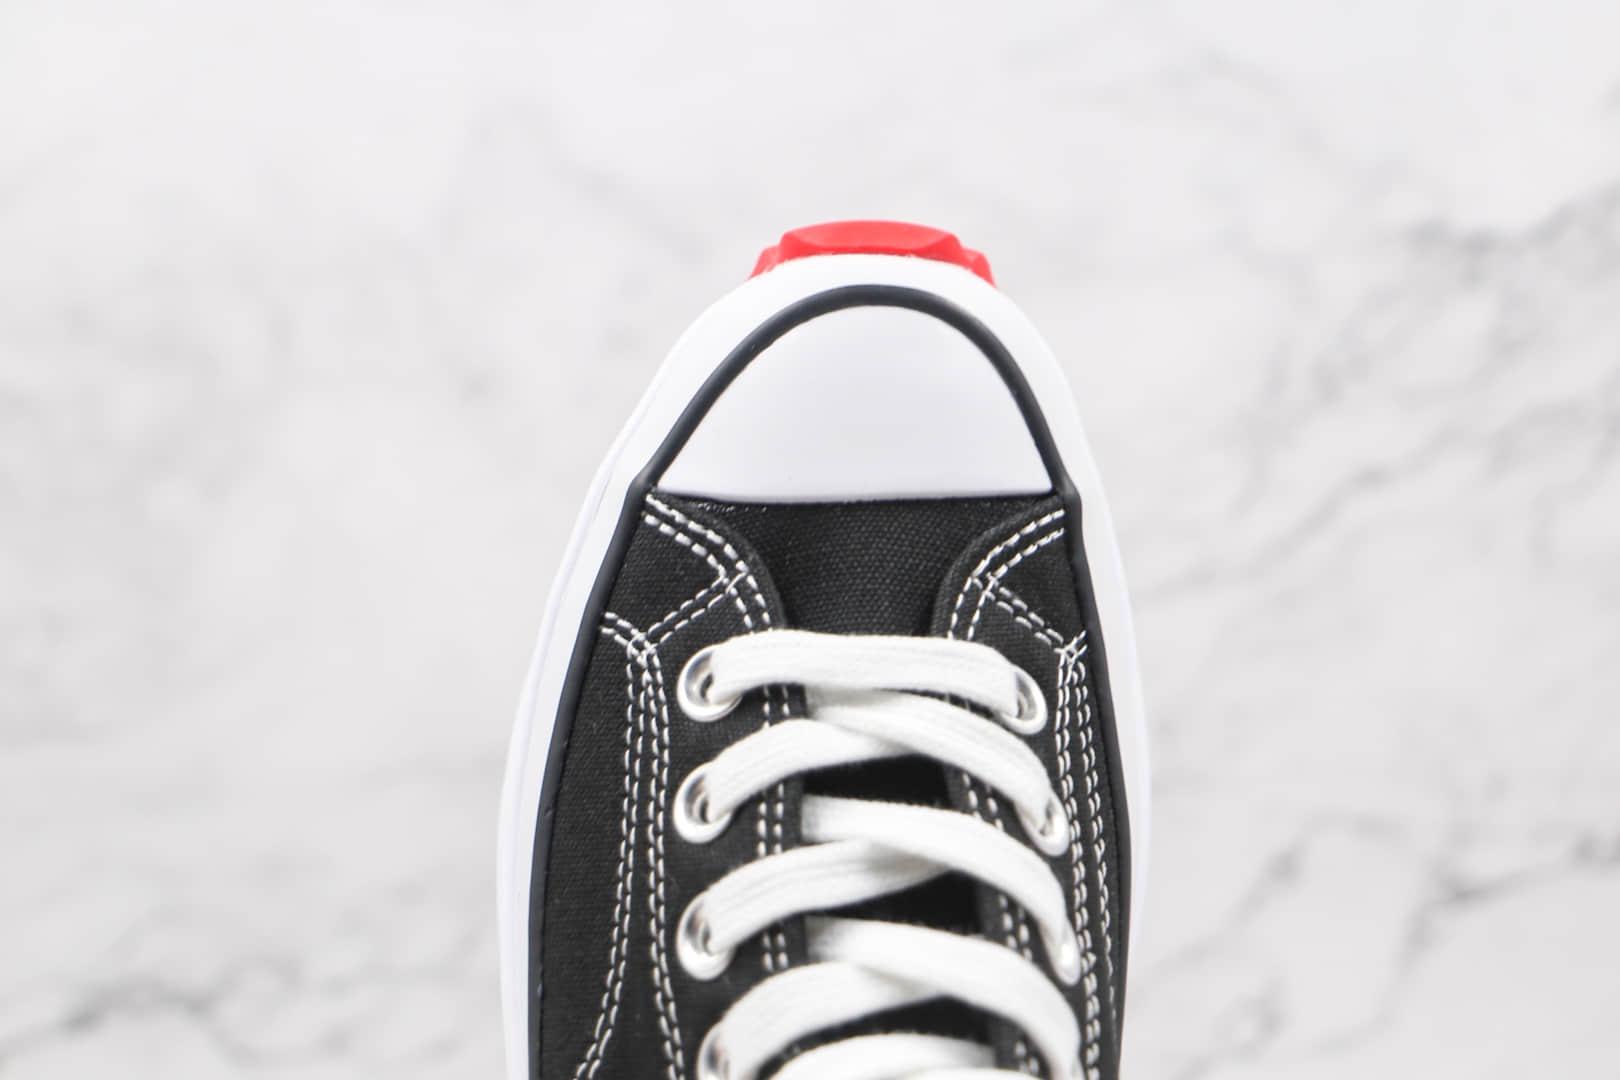 匡威CONVERSE x Keith Hatding Run Star Hike凯斯哈林联名款公司级版本高帮厚底松糕帆布鞋原盒原标 货号:171859C